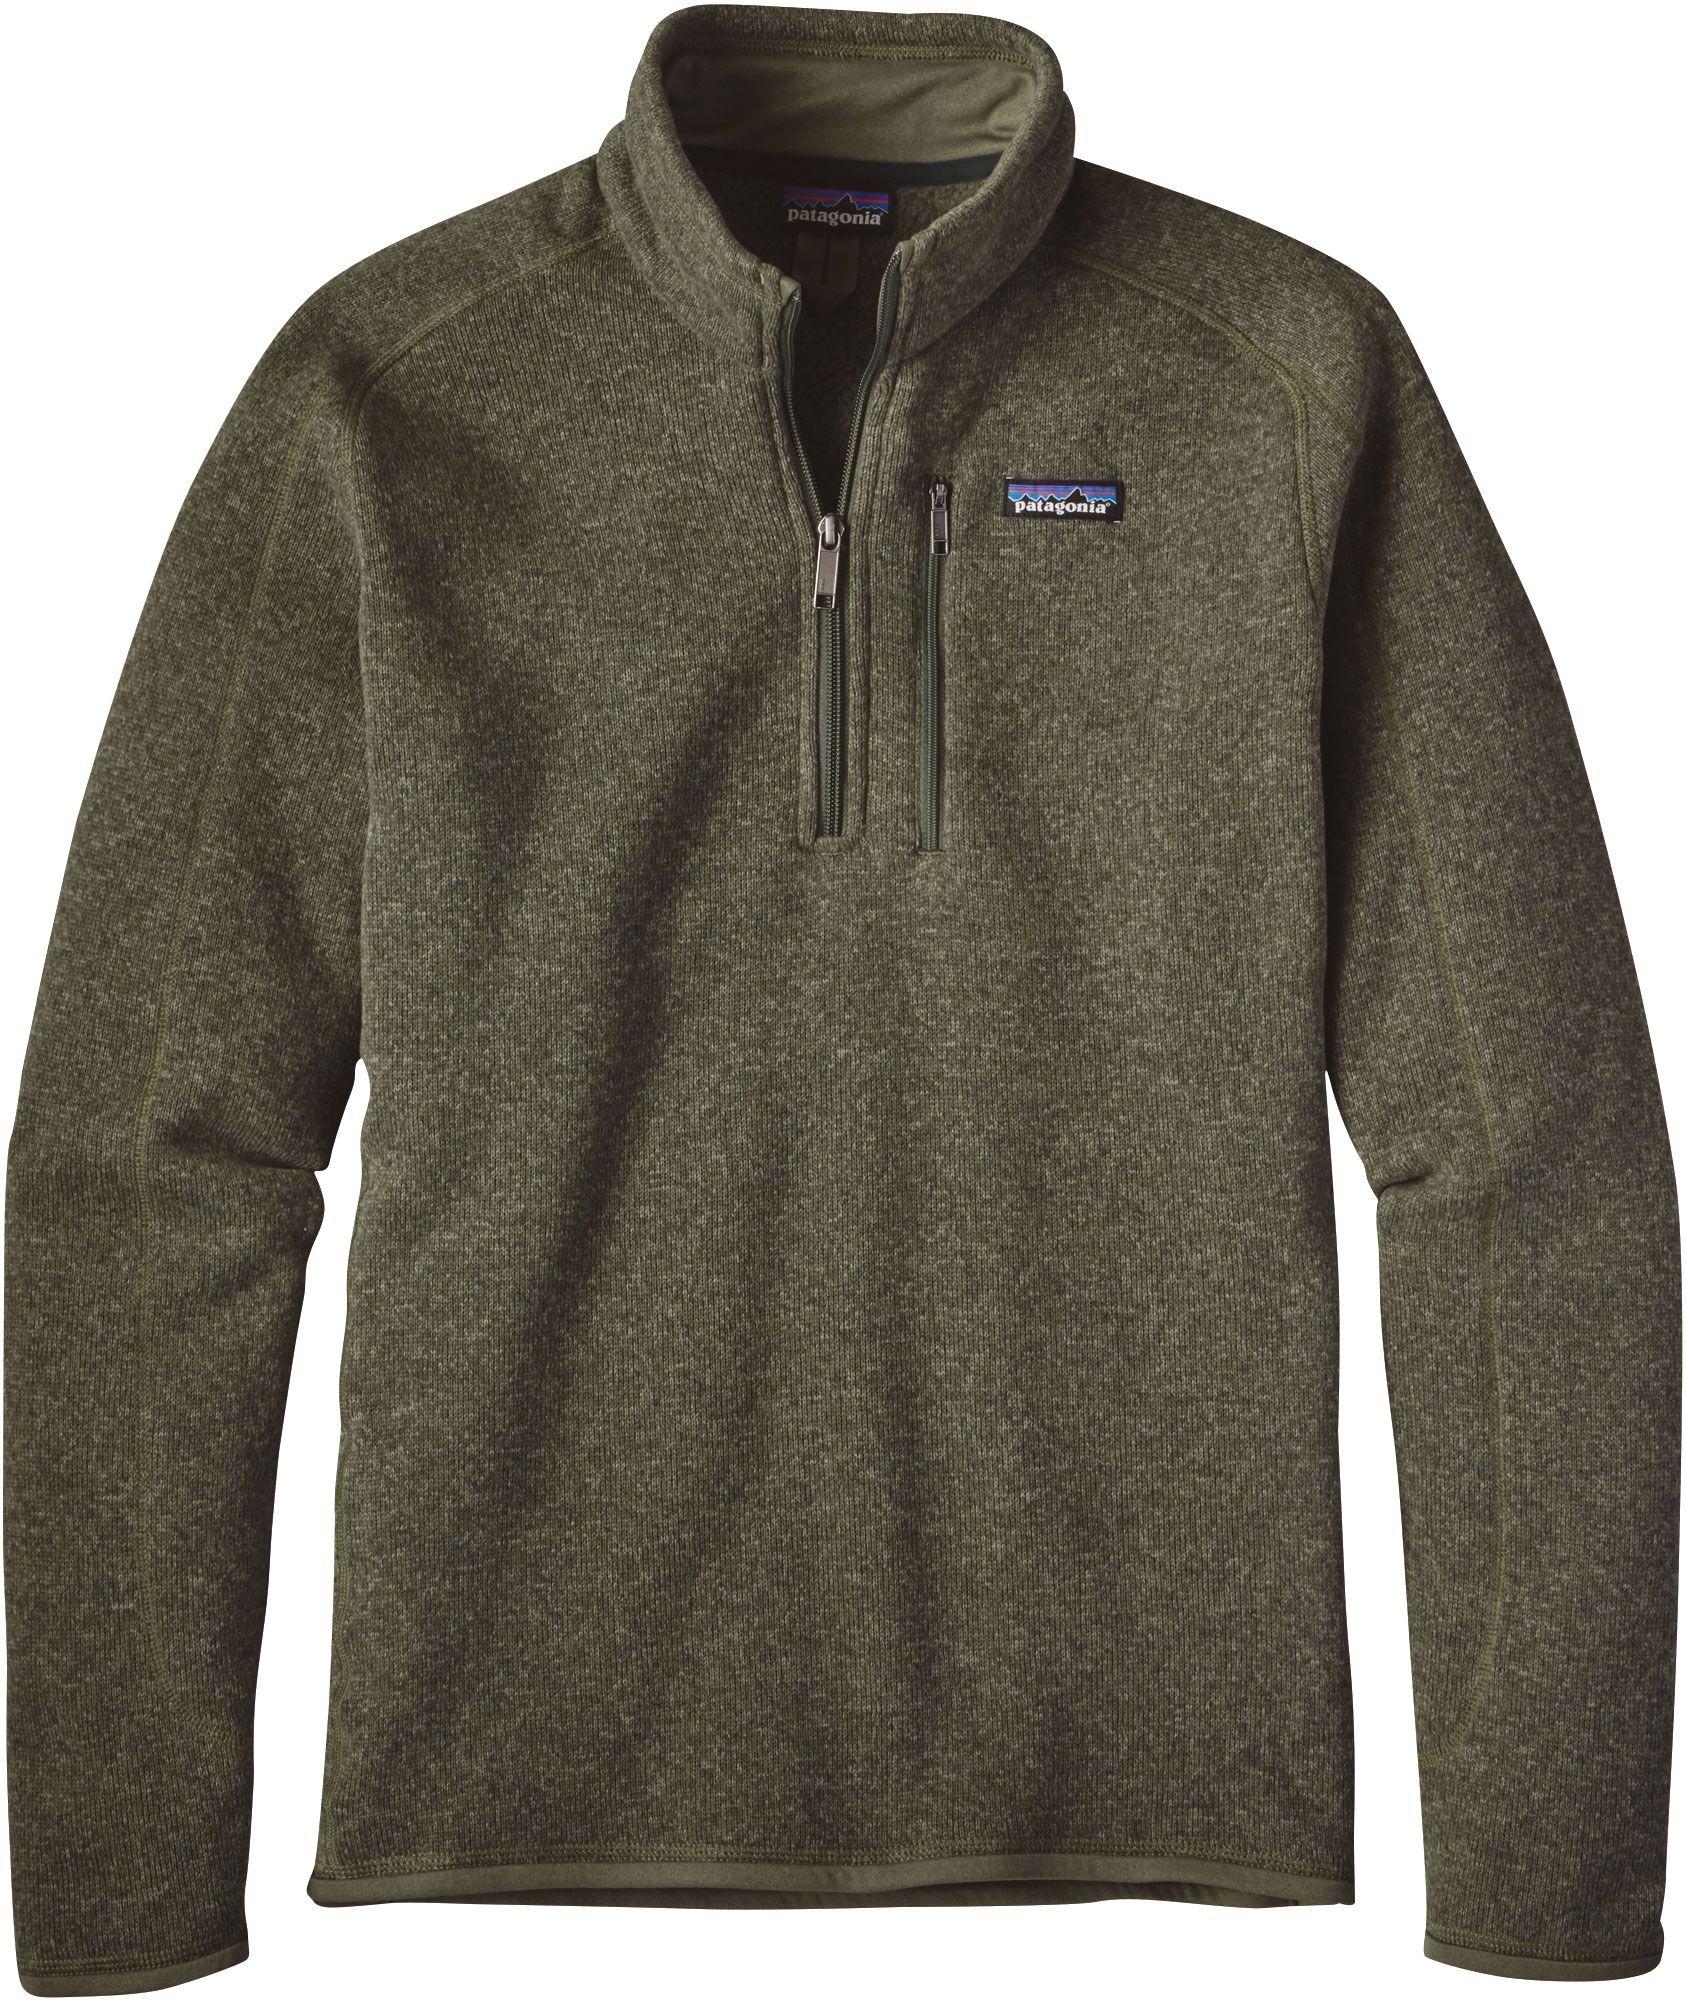 cb32bbfbca Patagonia Men s Better Sweater 1 4 Zip Fleece Pullover